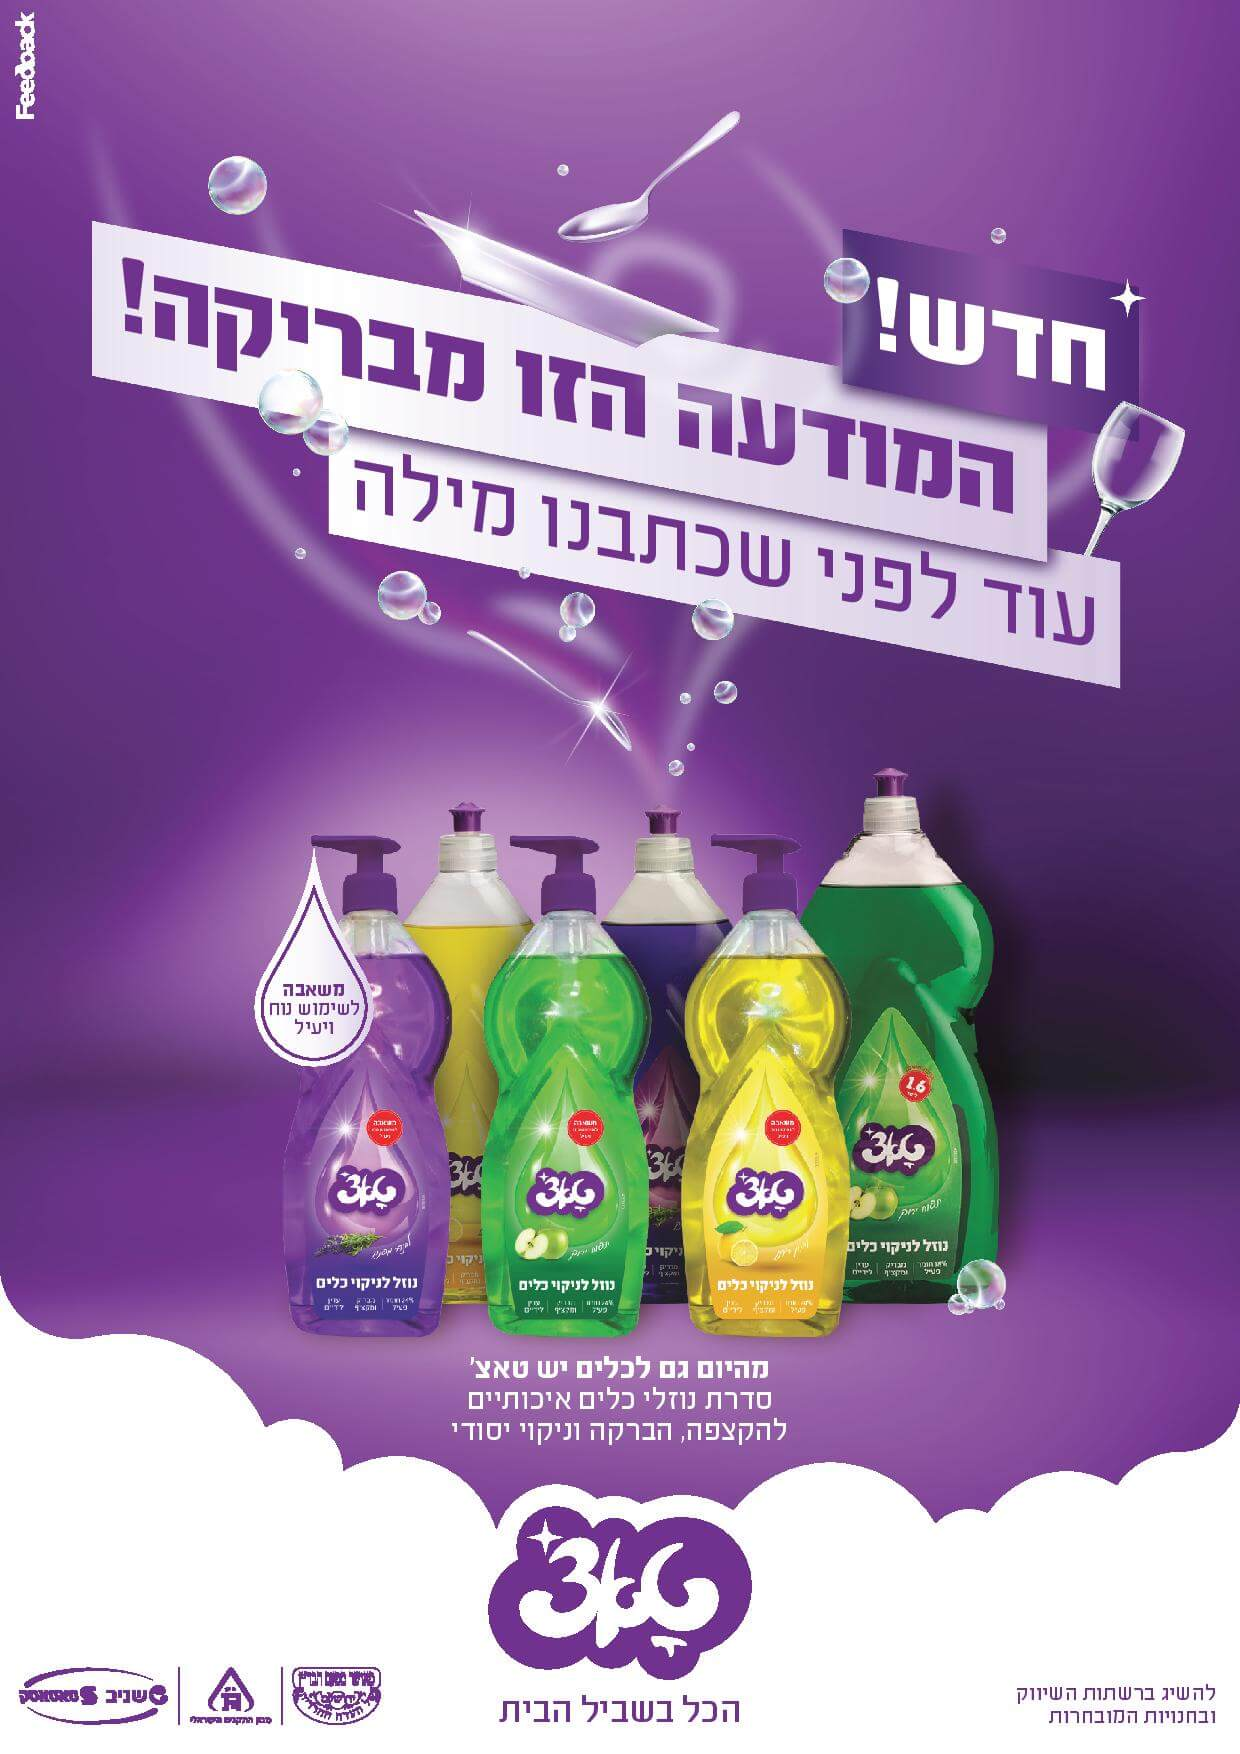 הכירו את המותג הישראלי שמתרחב ומתחרה במותגים הבינלאומיים 2